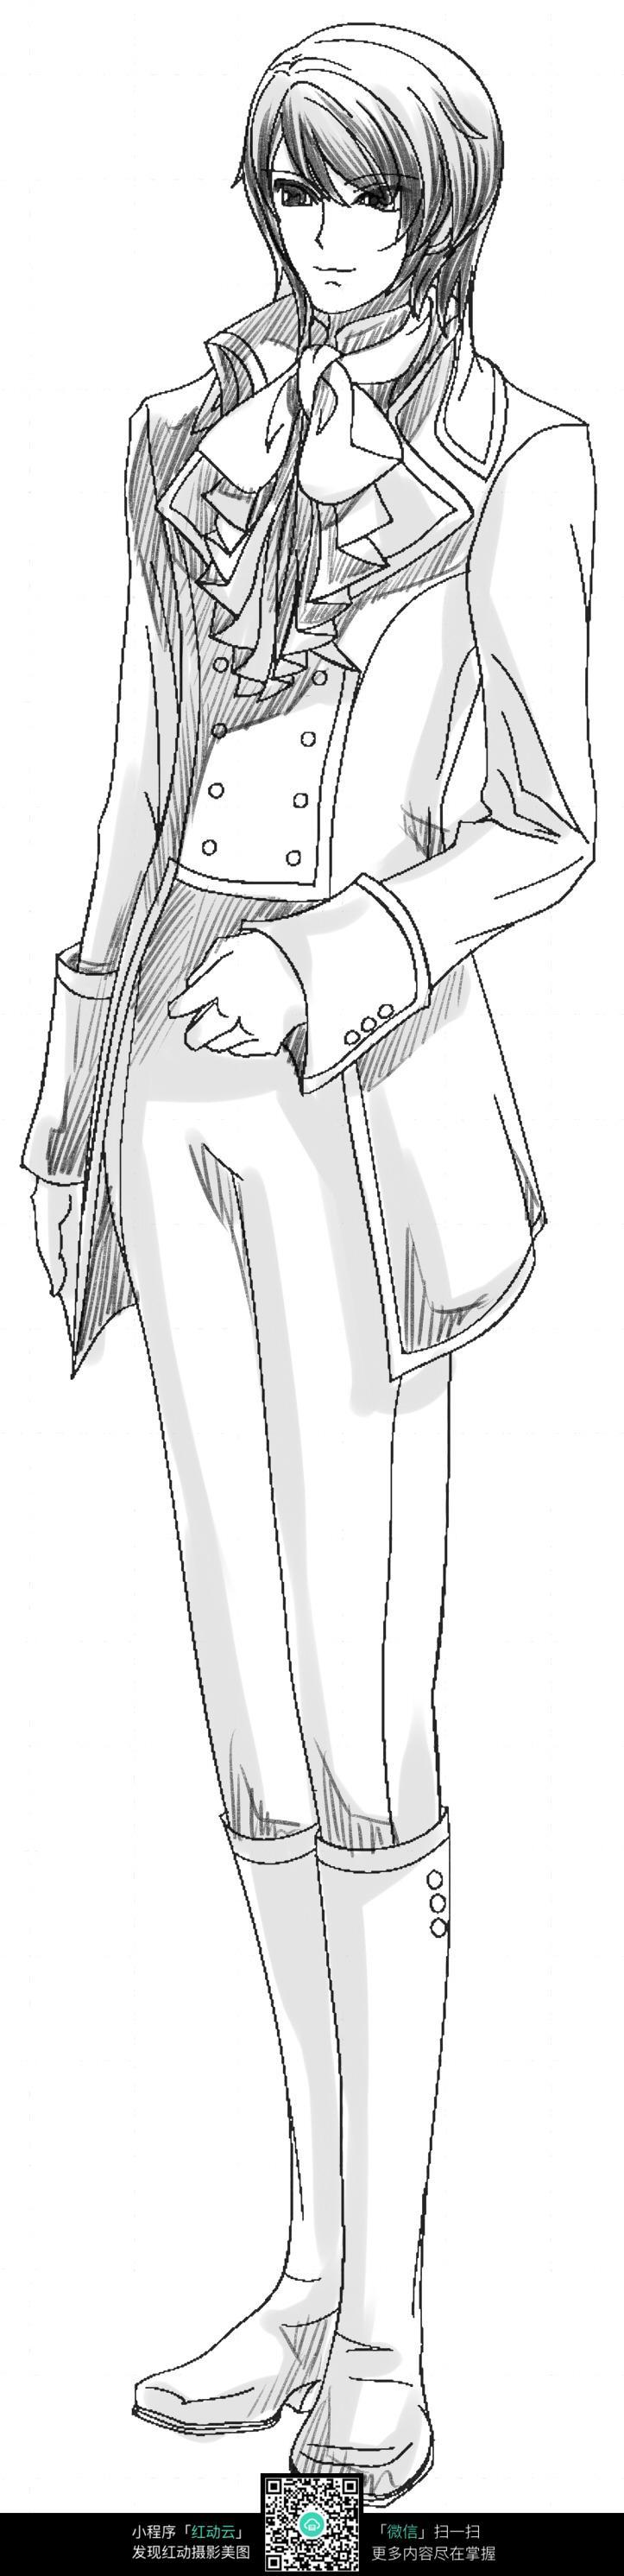 卡通绅士男孩线描